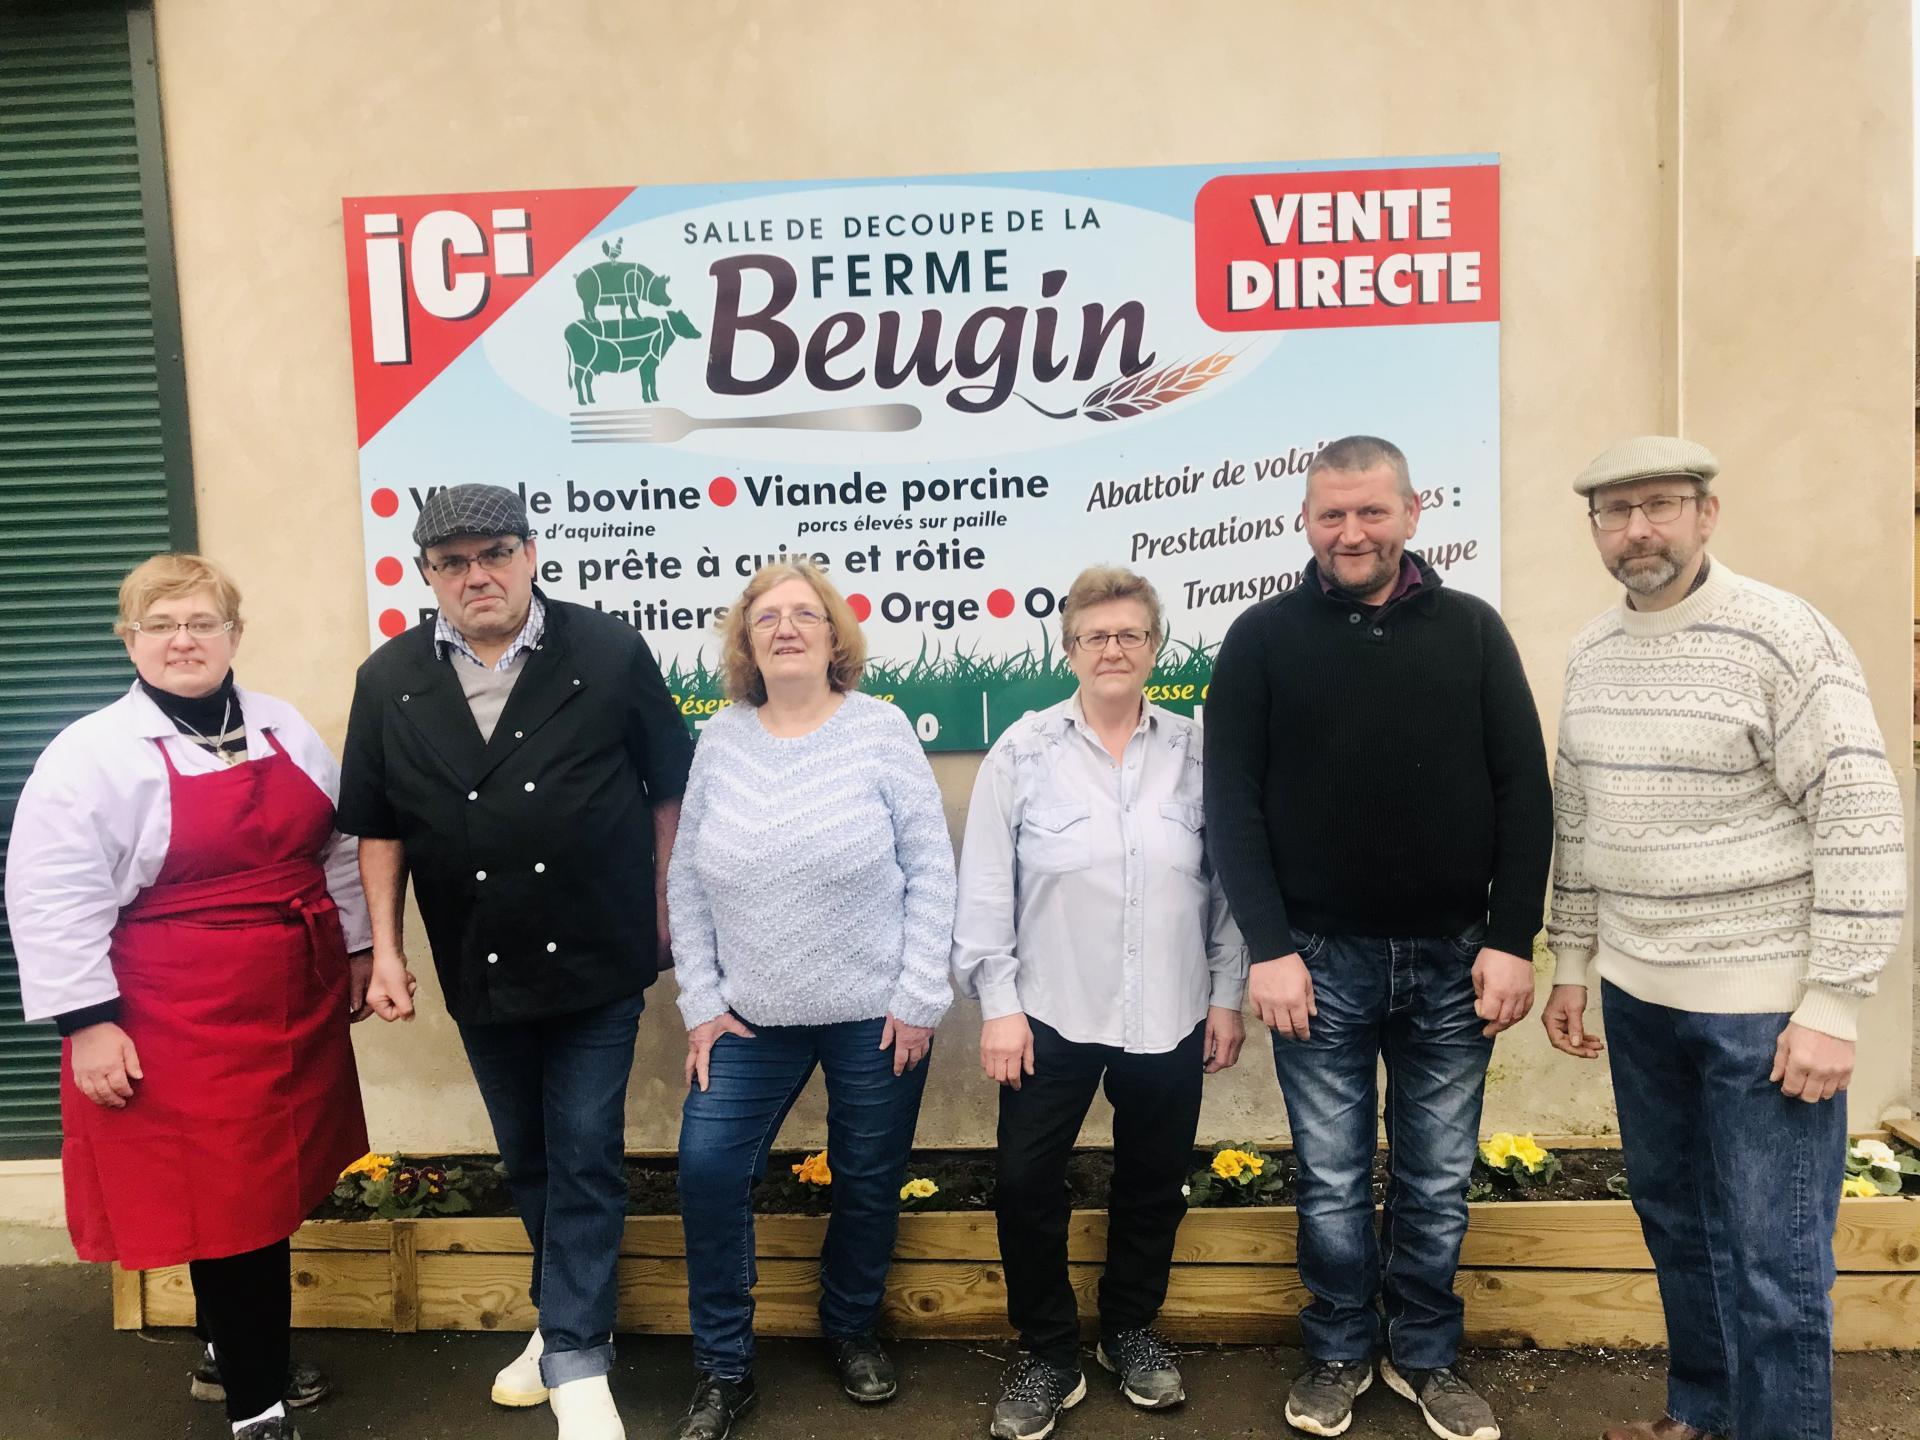 le personnel de la ferme Beugin